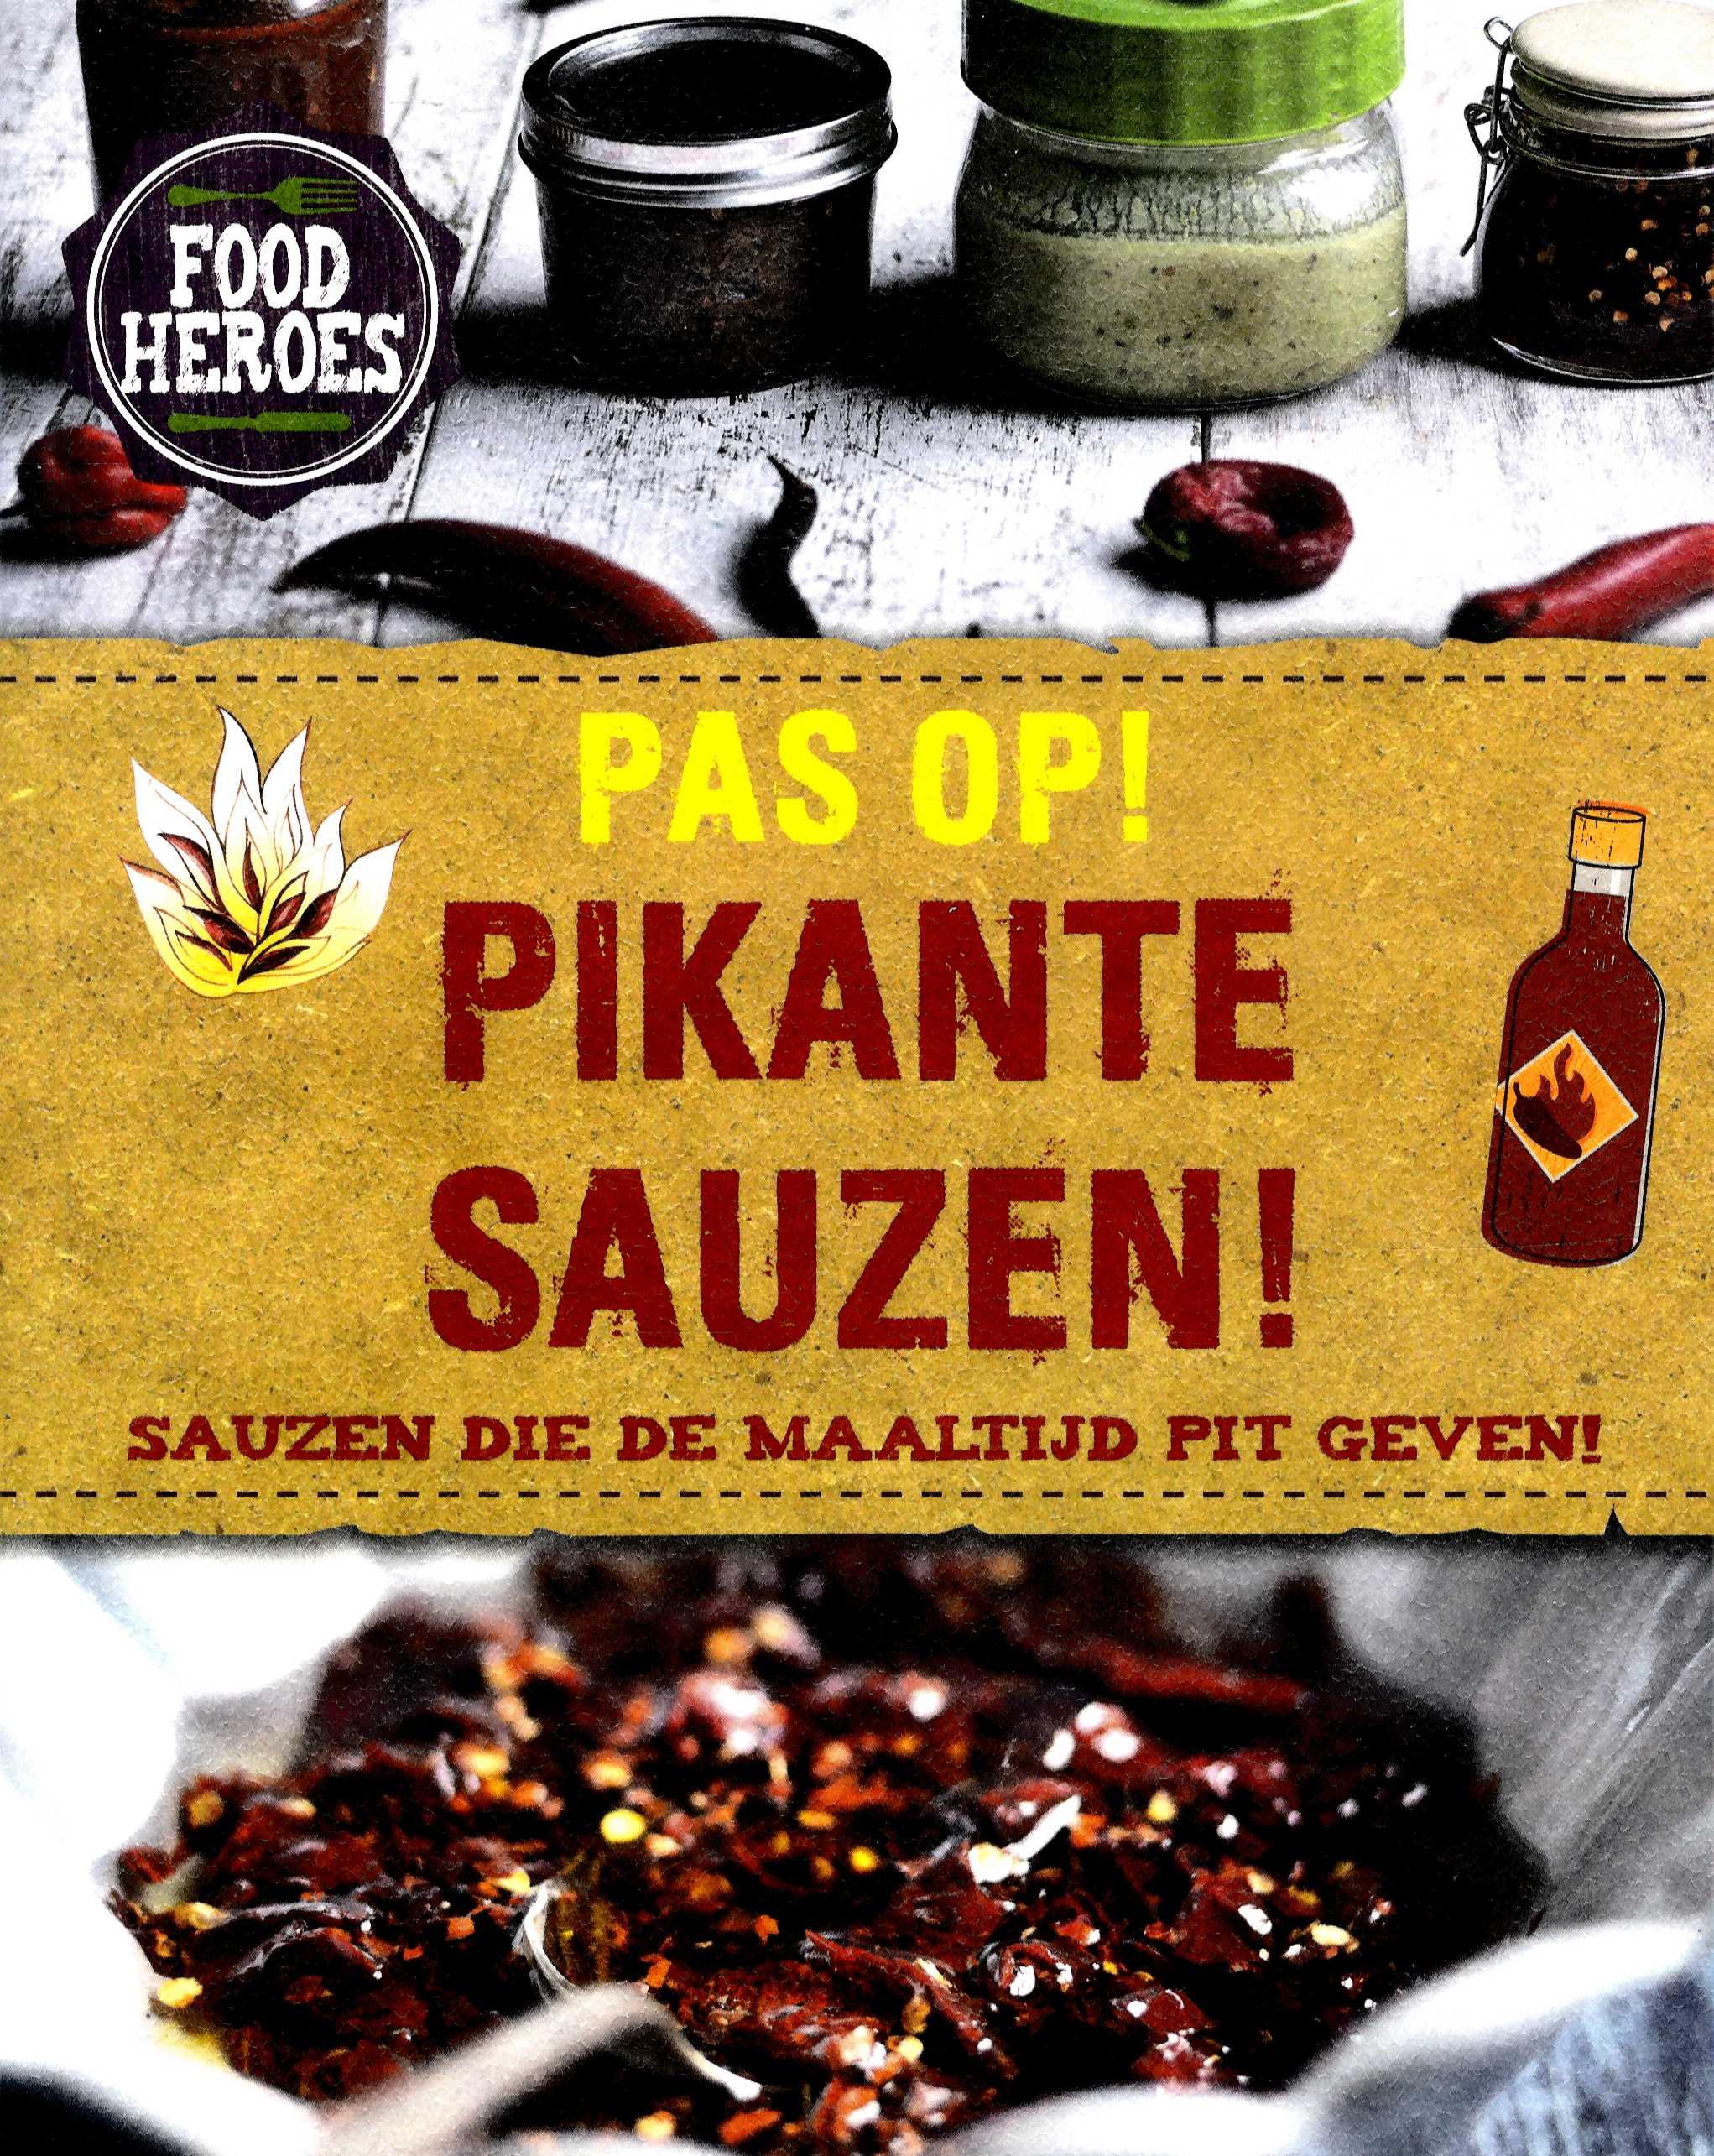 Food heroes Pas op! Pikante sauzen